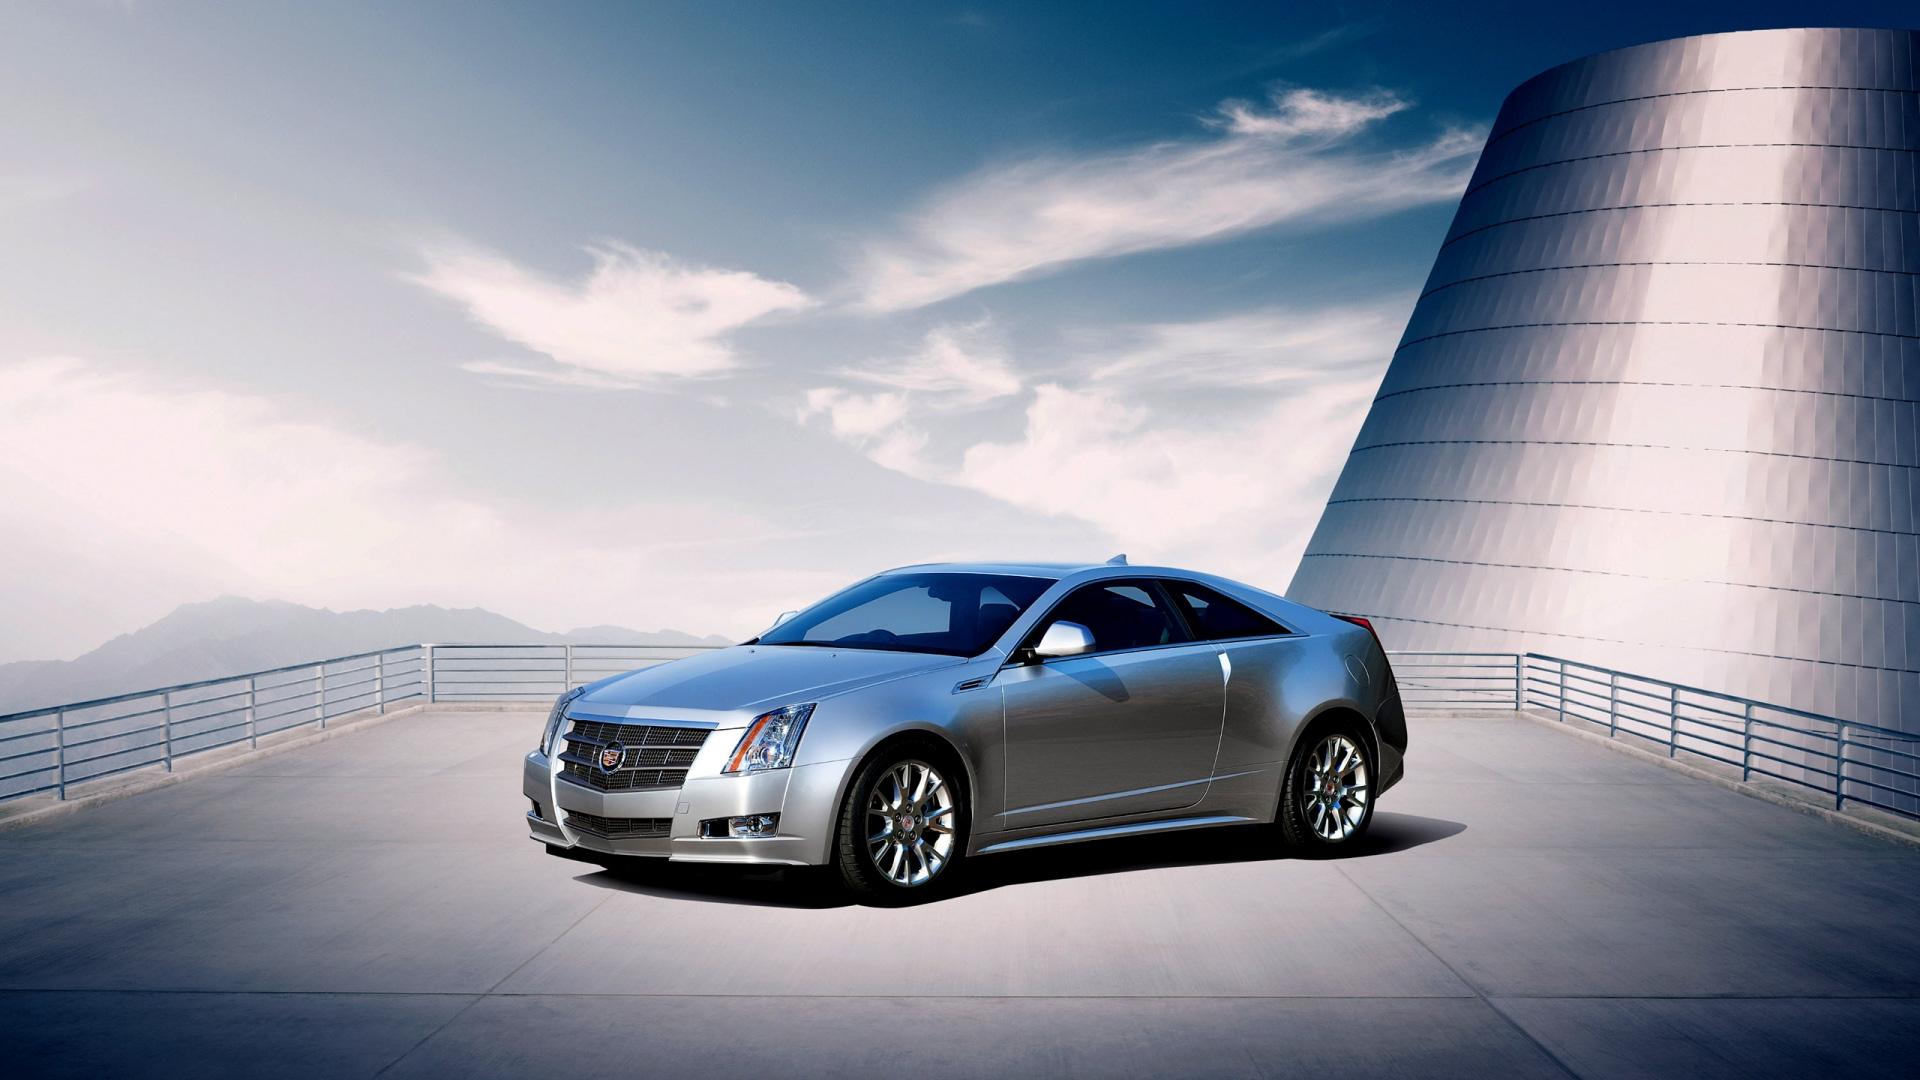 Cadillac Wallpaper Free